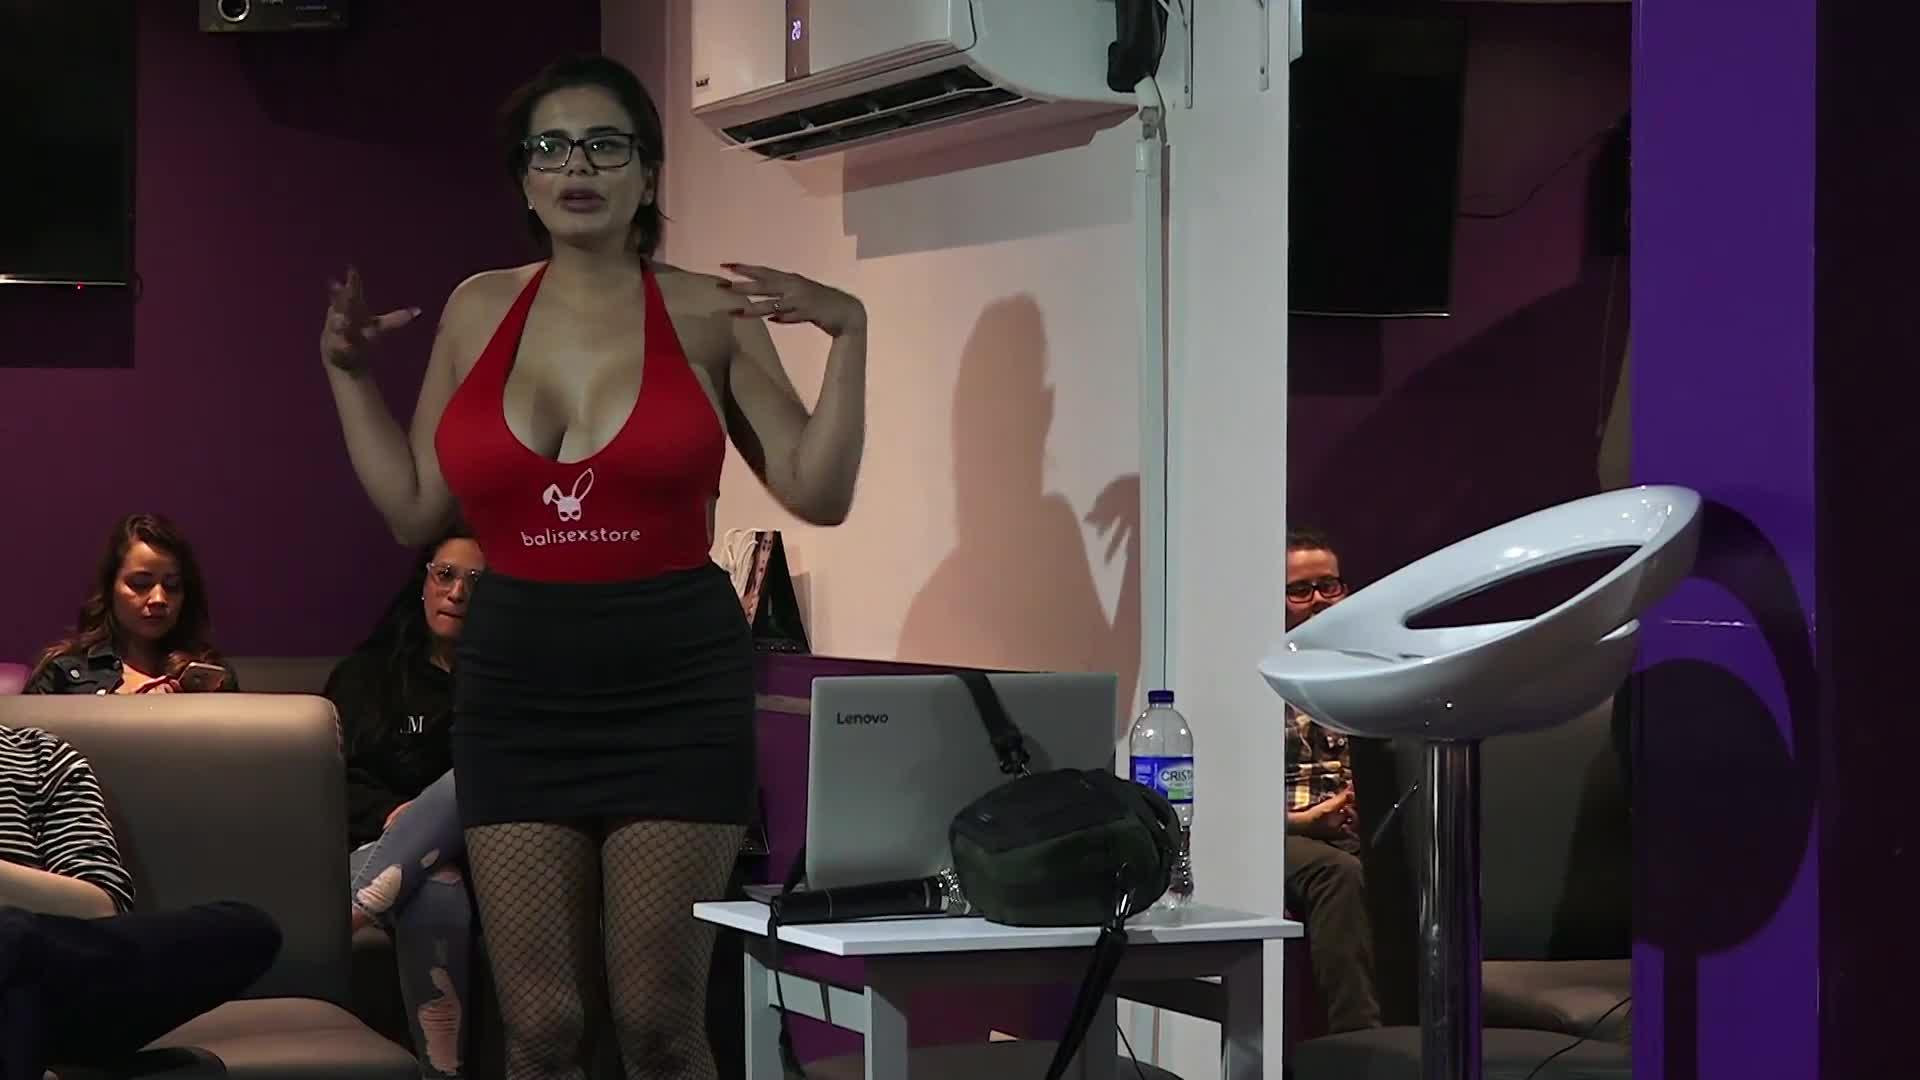 Alumnos Porno colombia: 'universidad' del porno suma alumnos y abre nueva